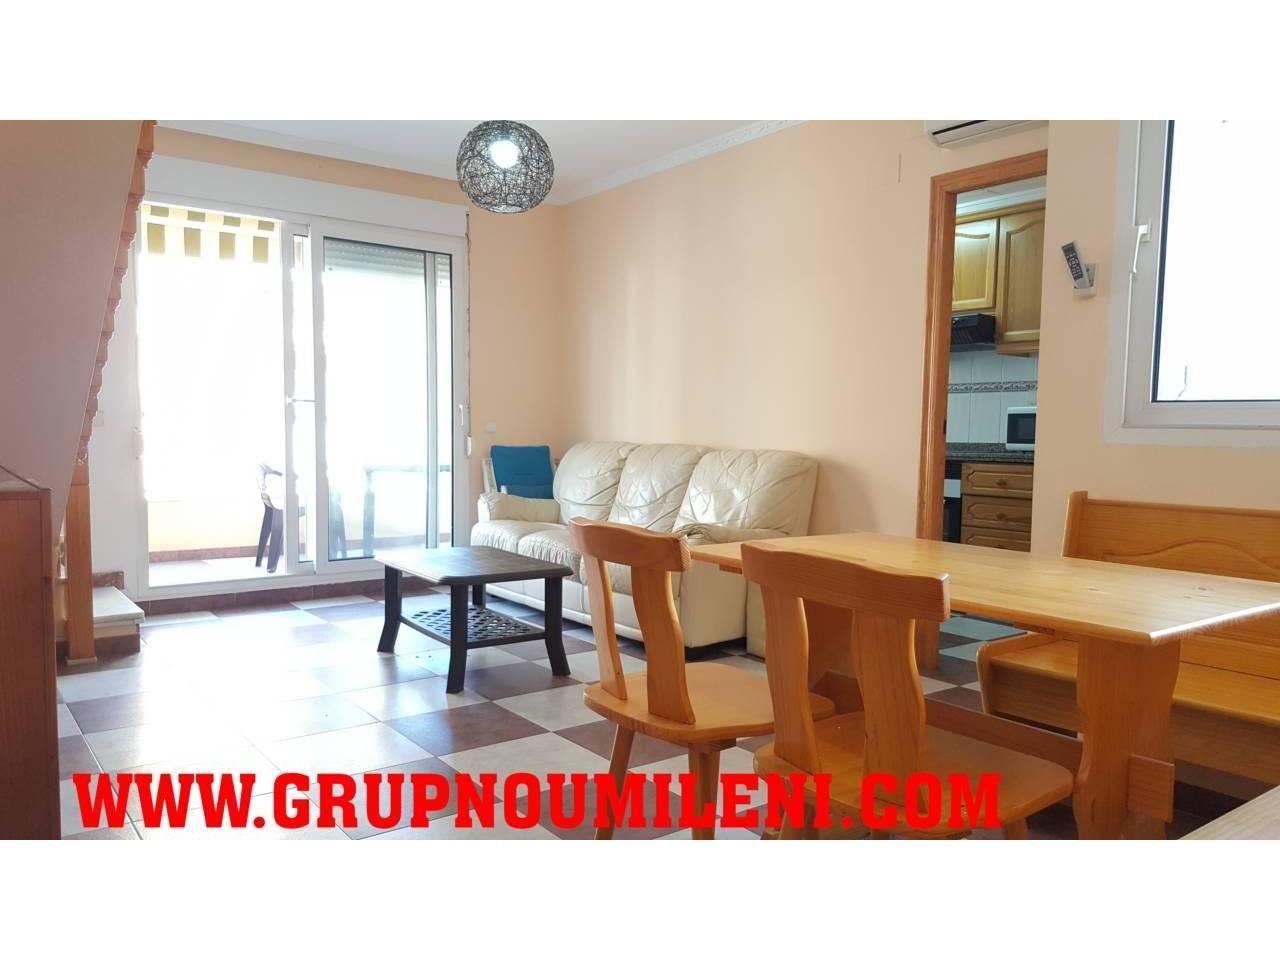 Location Appartement  Sueca. Superf. 100 m²,  3 habitaciones (2 dobles,  1 individual),  2 ba